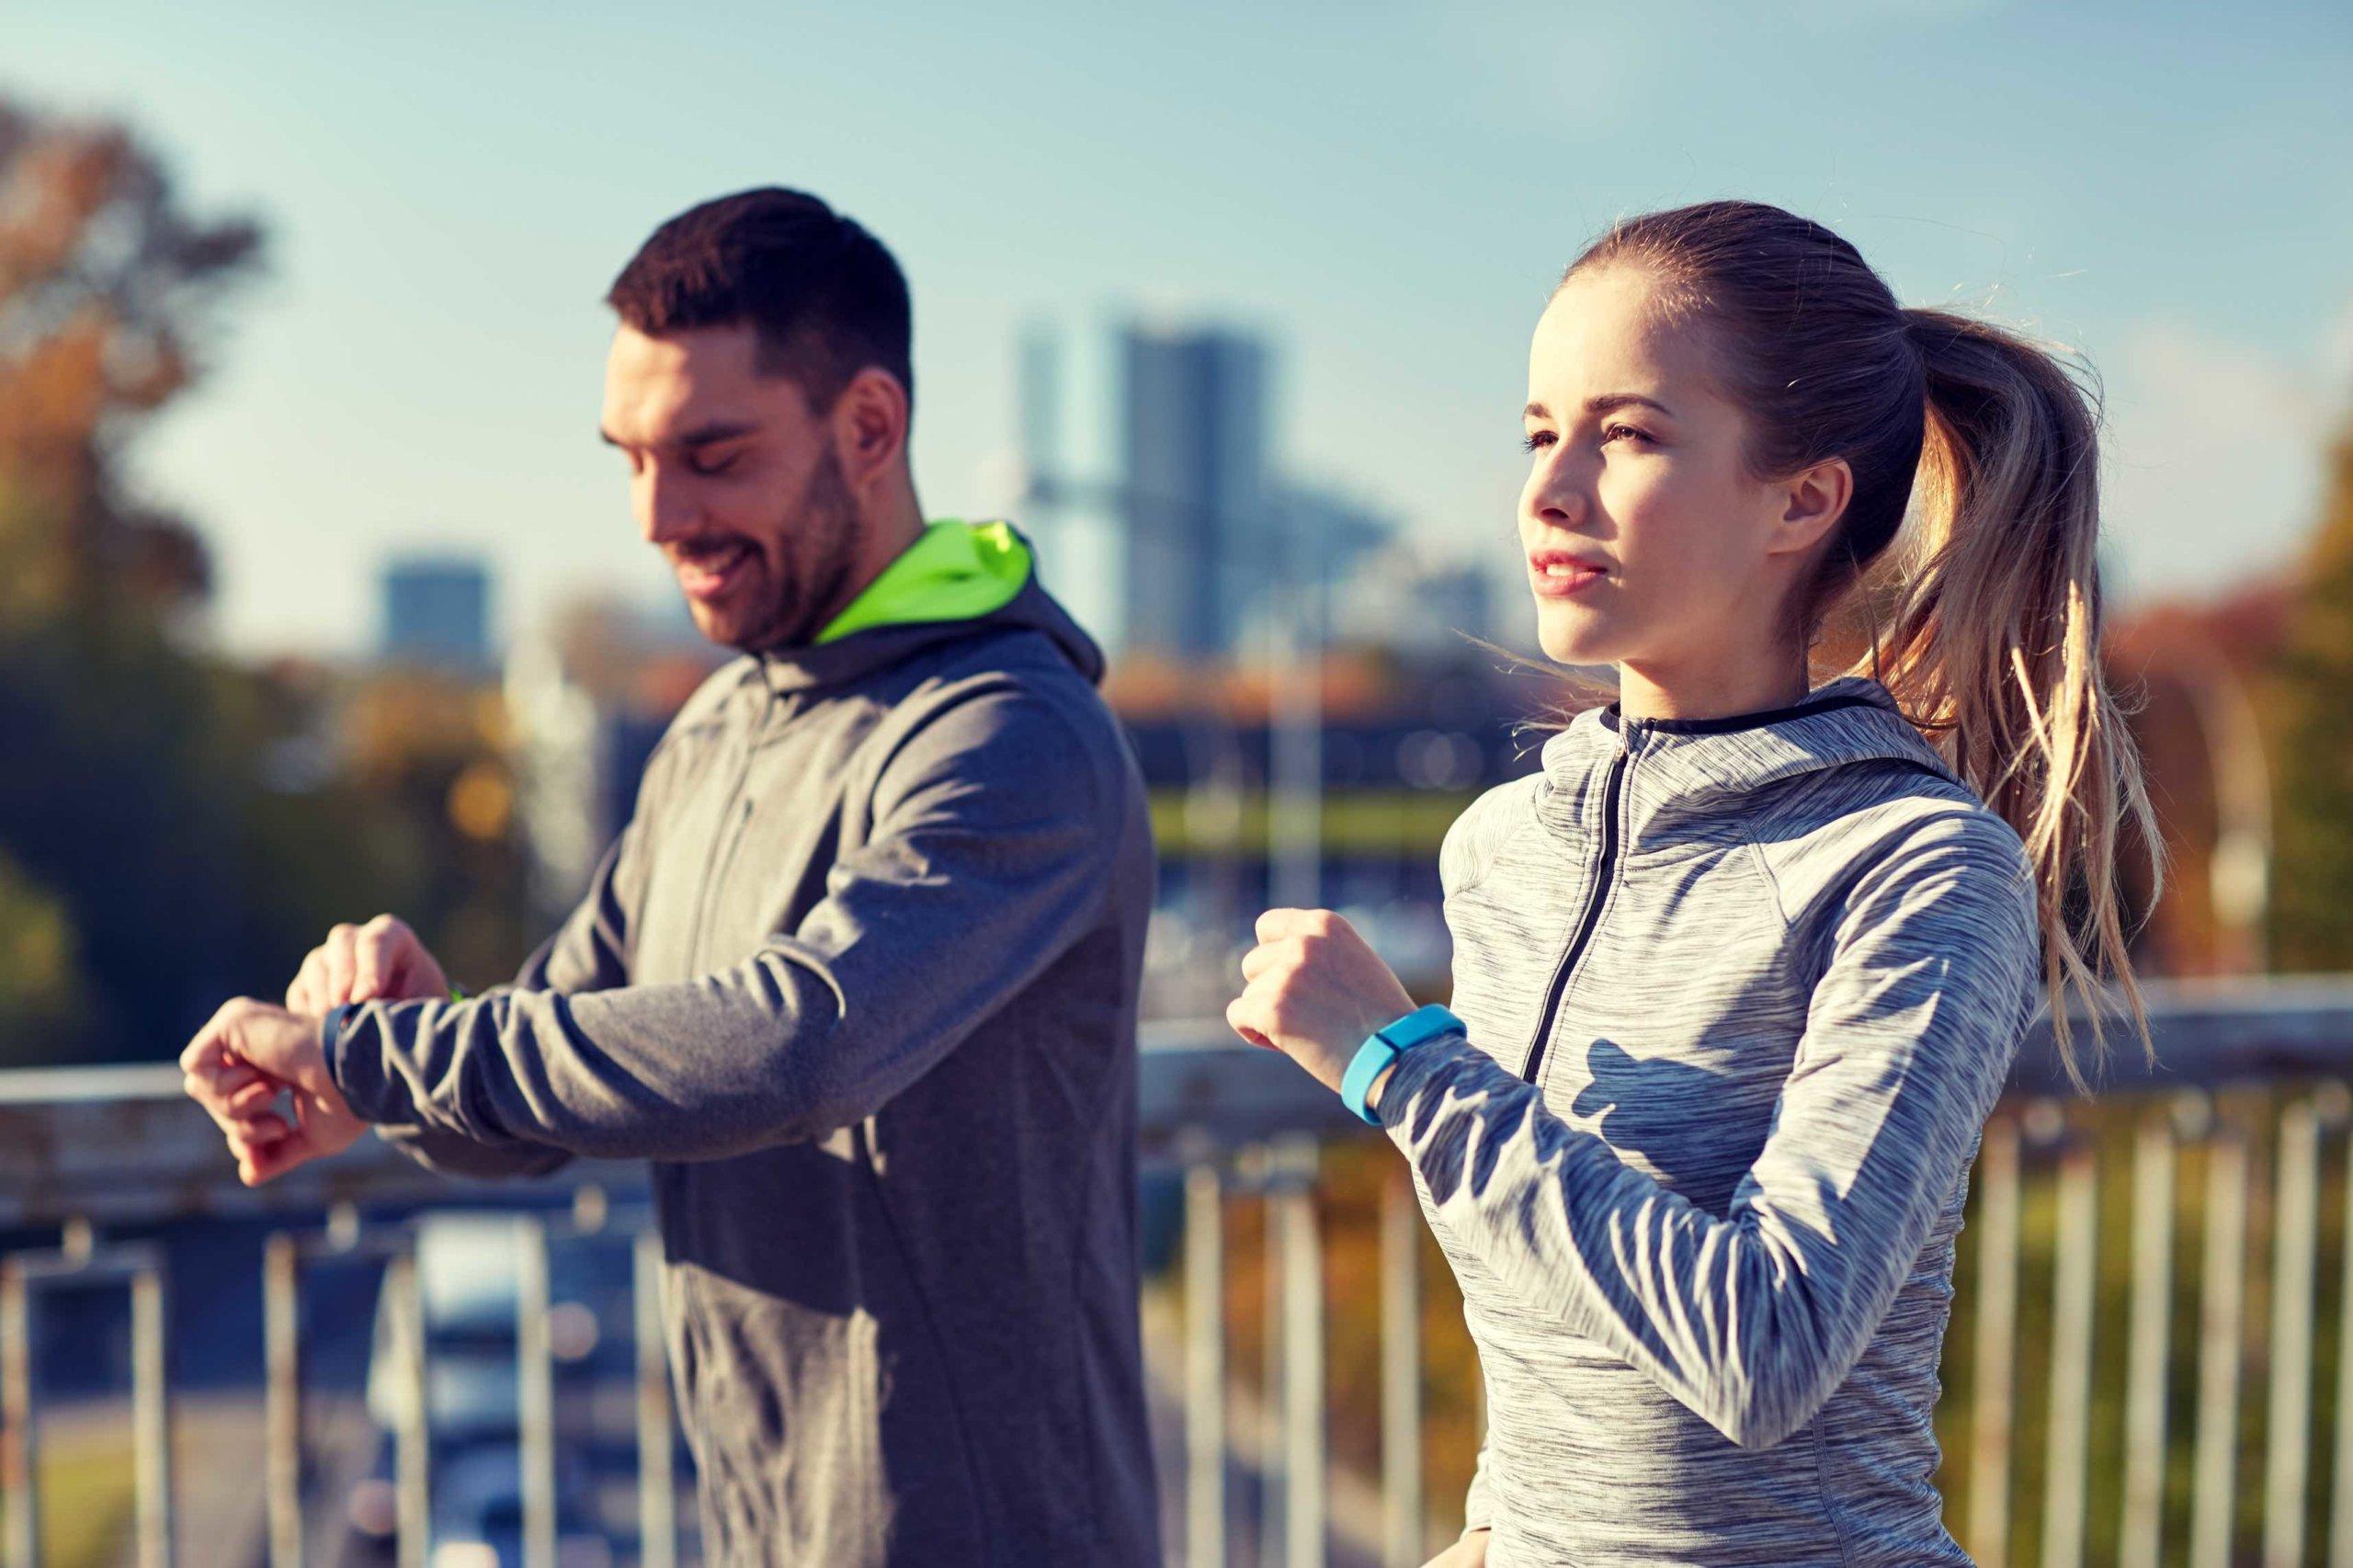 Lauftraining: Soll ich auf Distanz oder auf Zeit laufen?